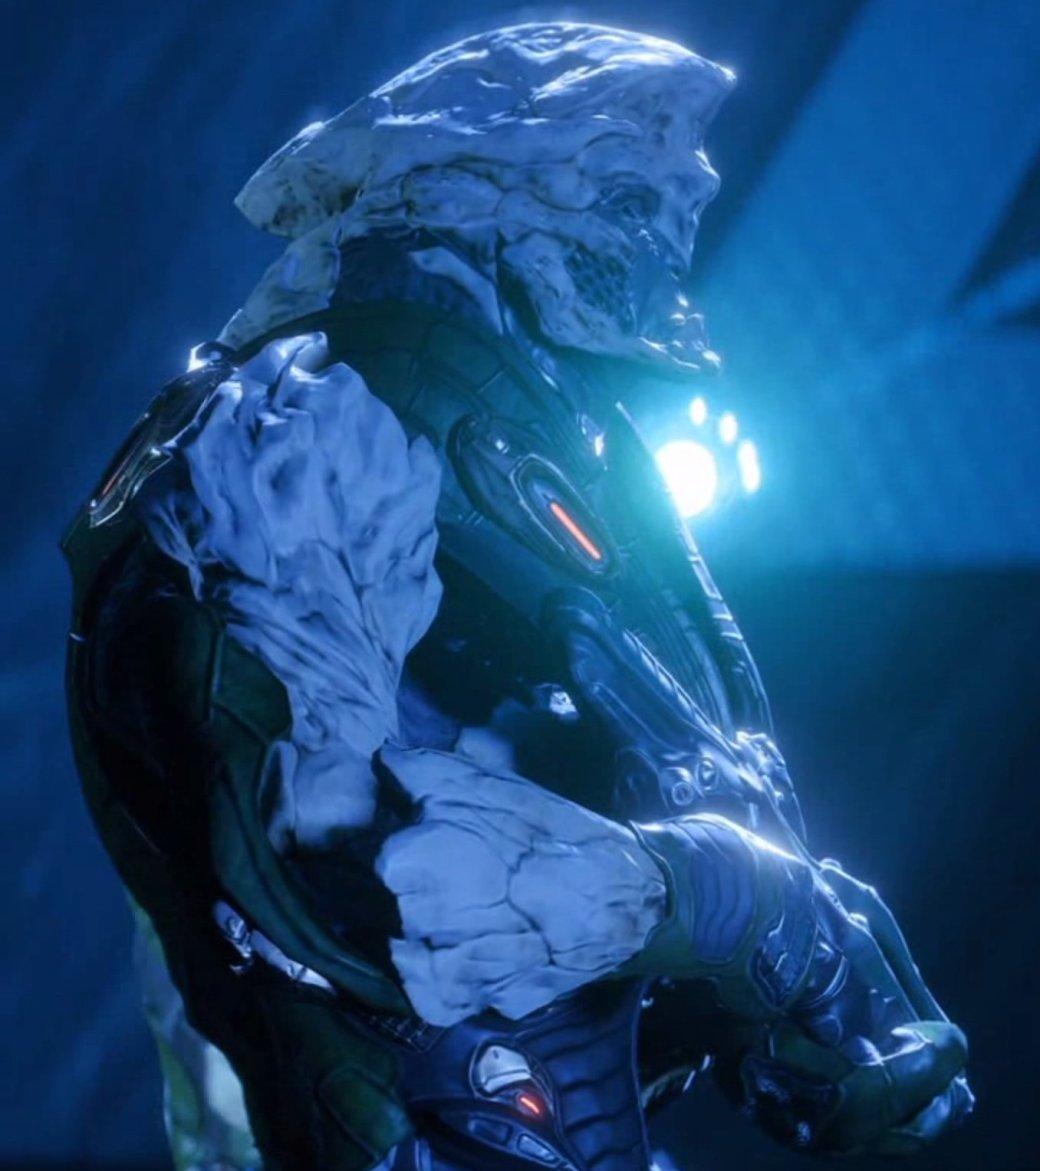 Рецензия на Mass Effect: Andromeda. Обзор игры - Изображение 3